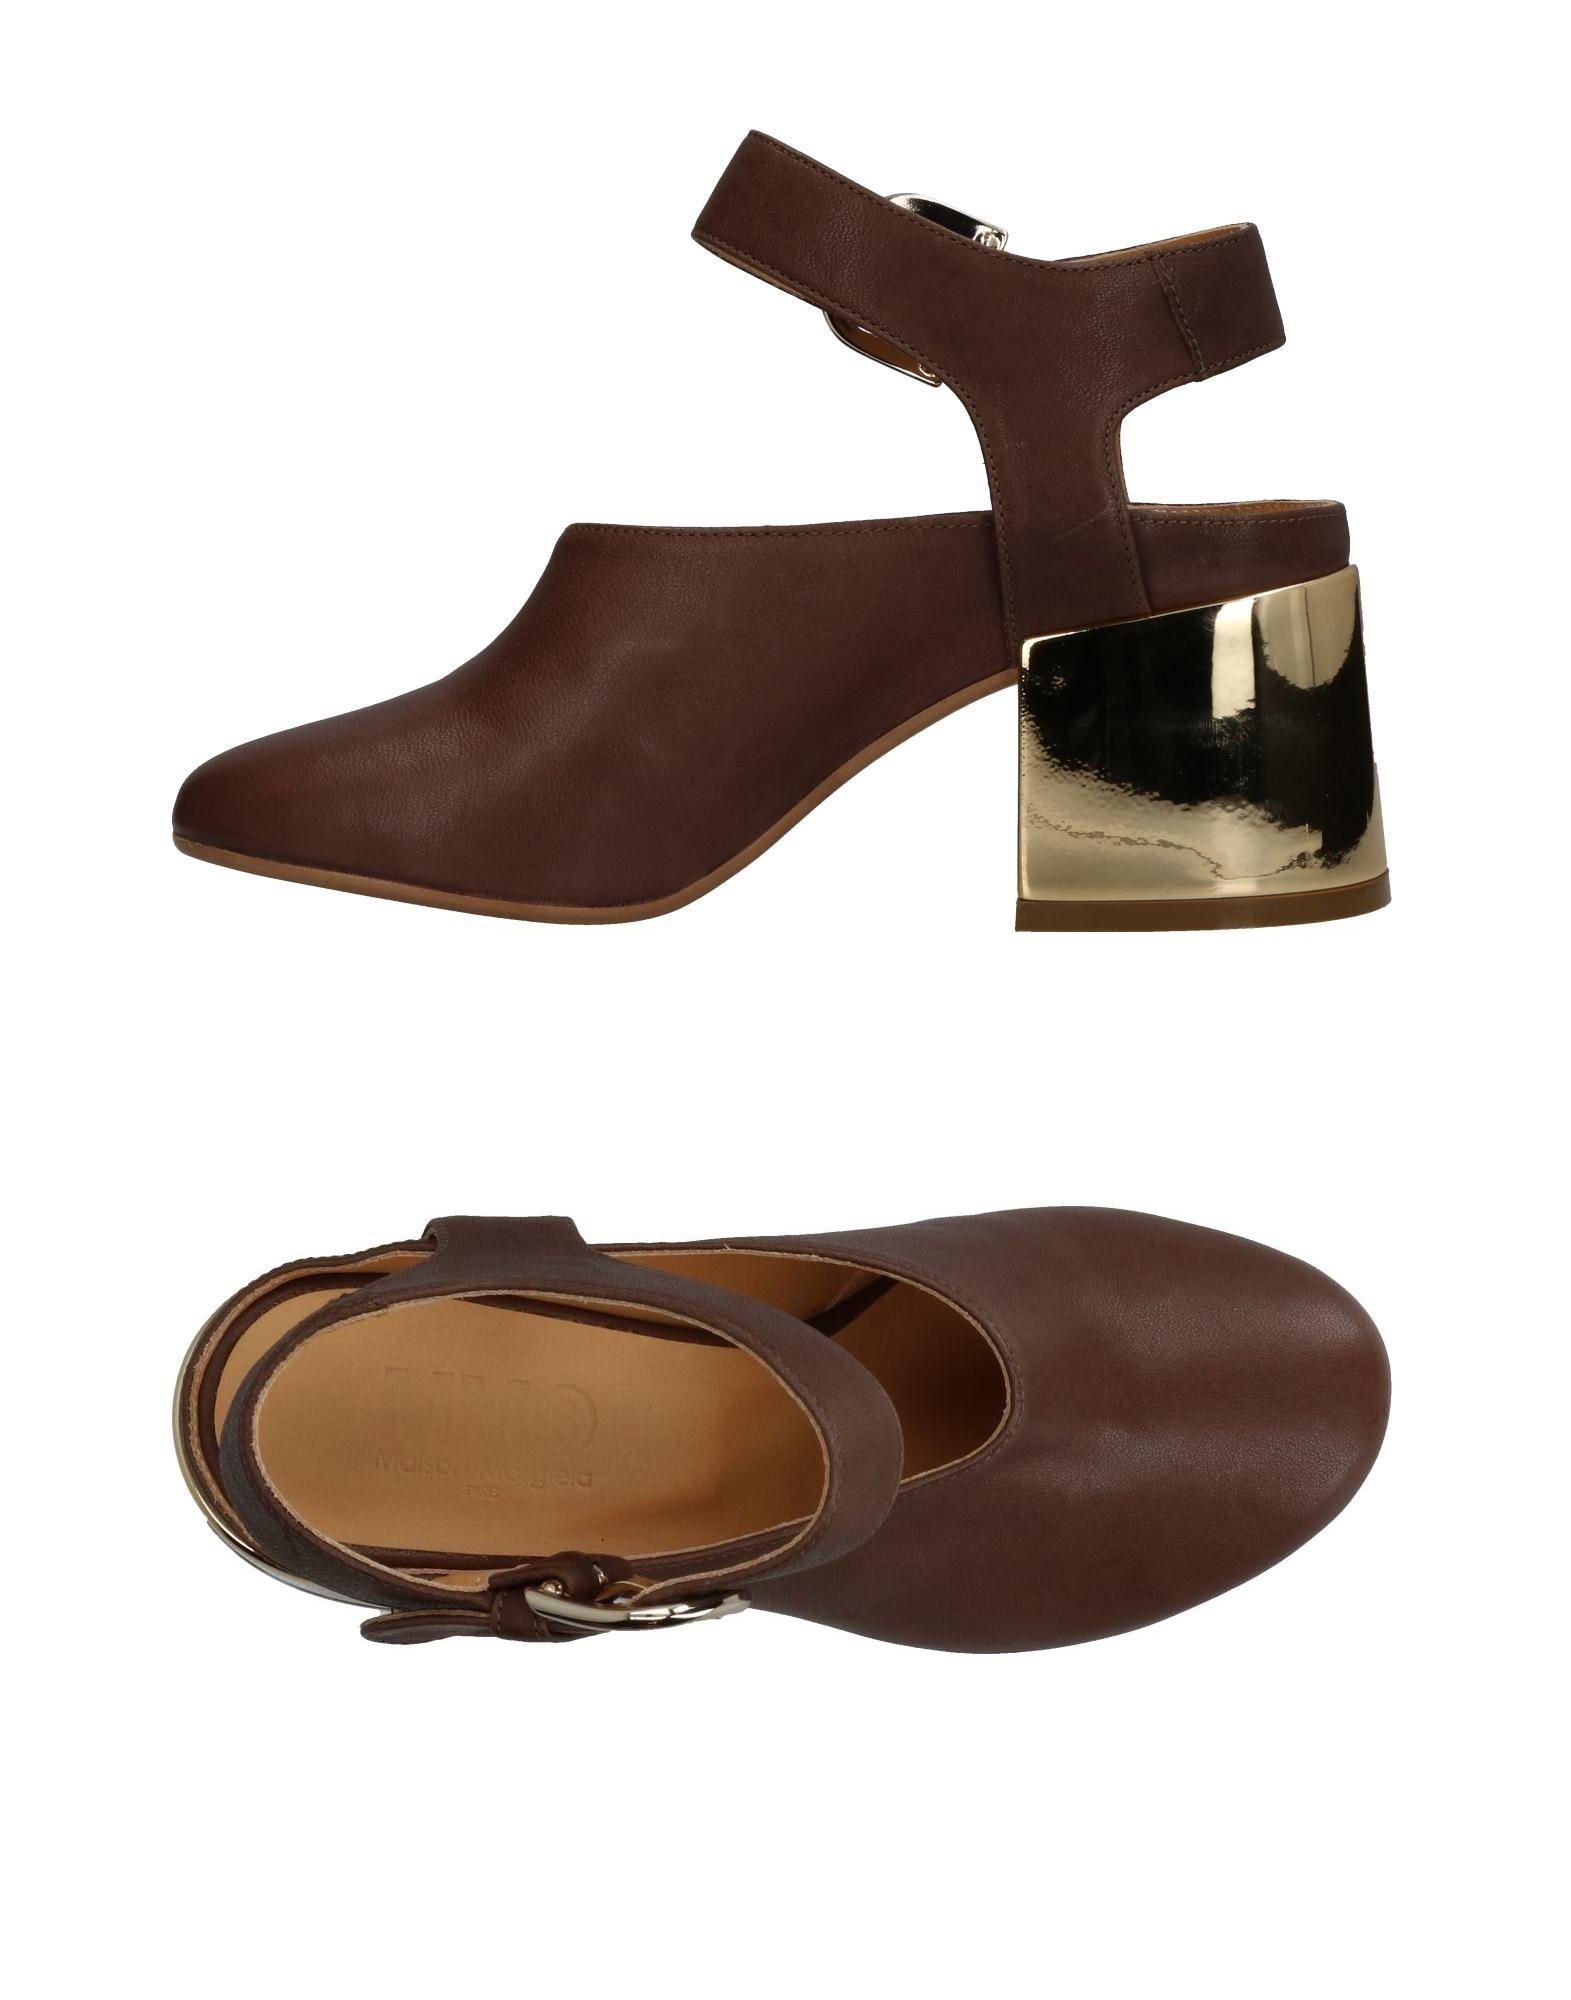 Mm6 Schuhe Maison Margiela Pumps Damen  11341715KU Neue Schuhe Mm6 c2d7f1